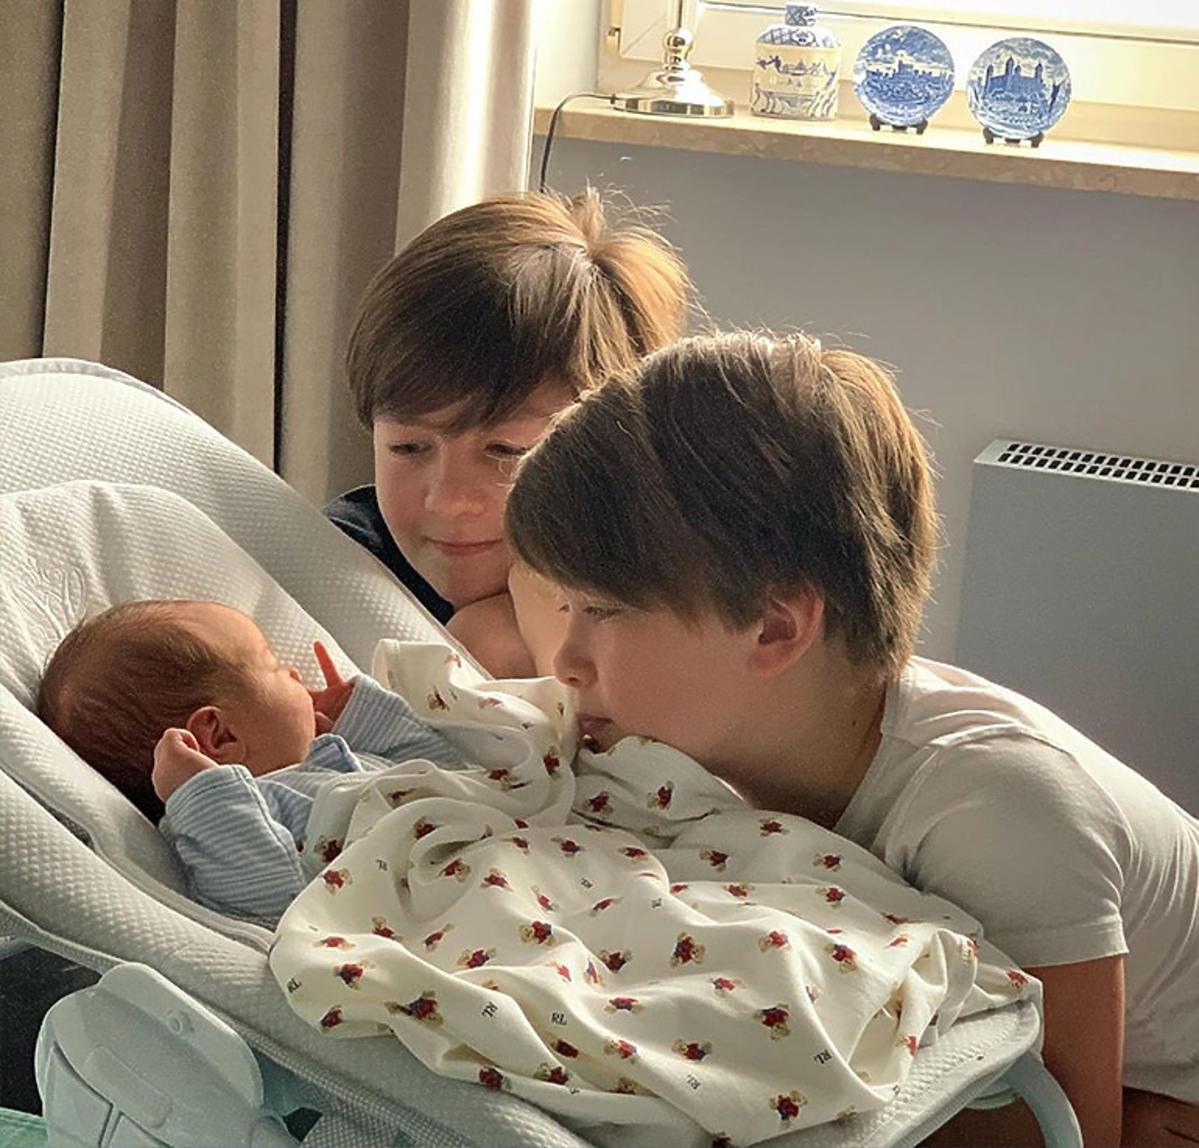 Małgorzata Rozenek pokazała pierwsze wspólne zdjęcia synów